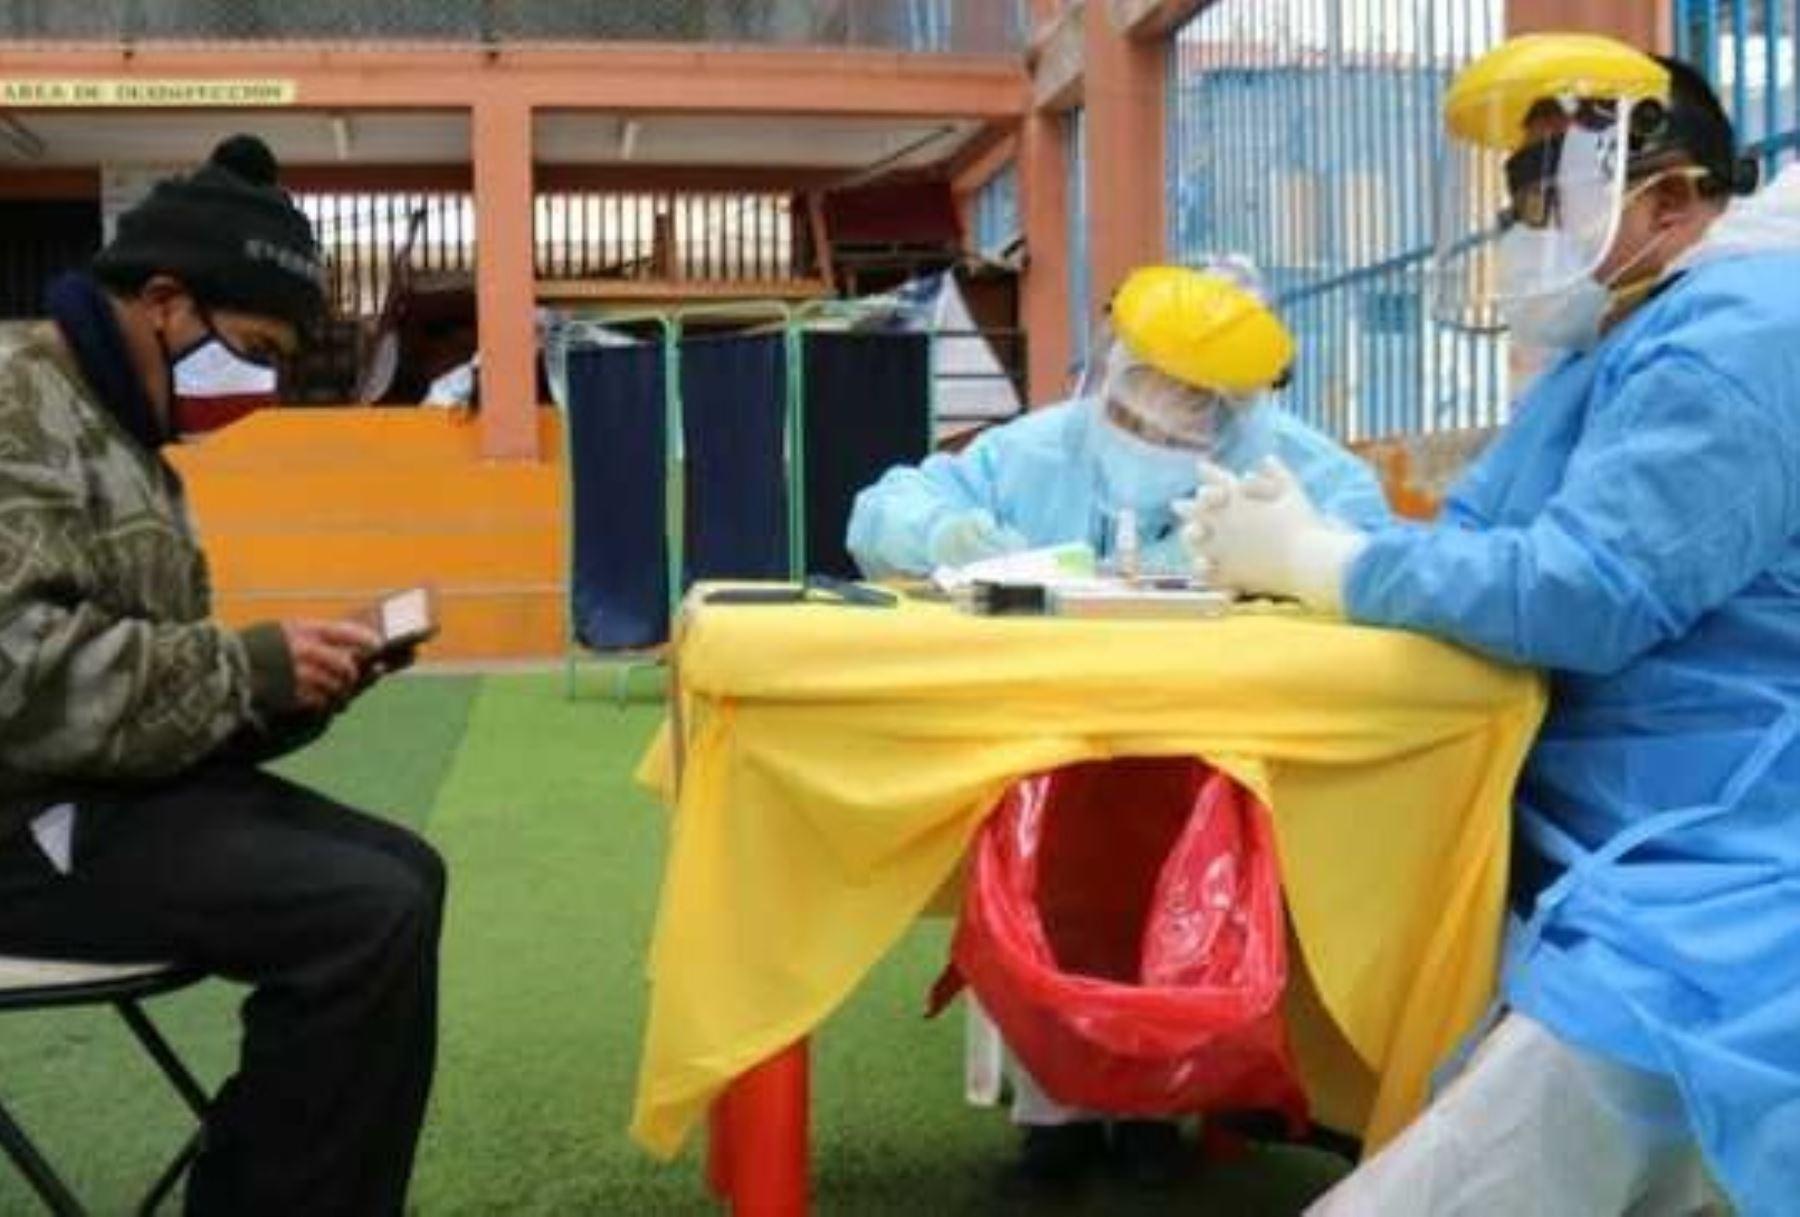 Ministerio de Salud anuncia campaña médica masiva en Cerro de Pasco para atender casos de covid-19 y otras enfermedades.